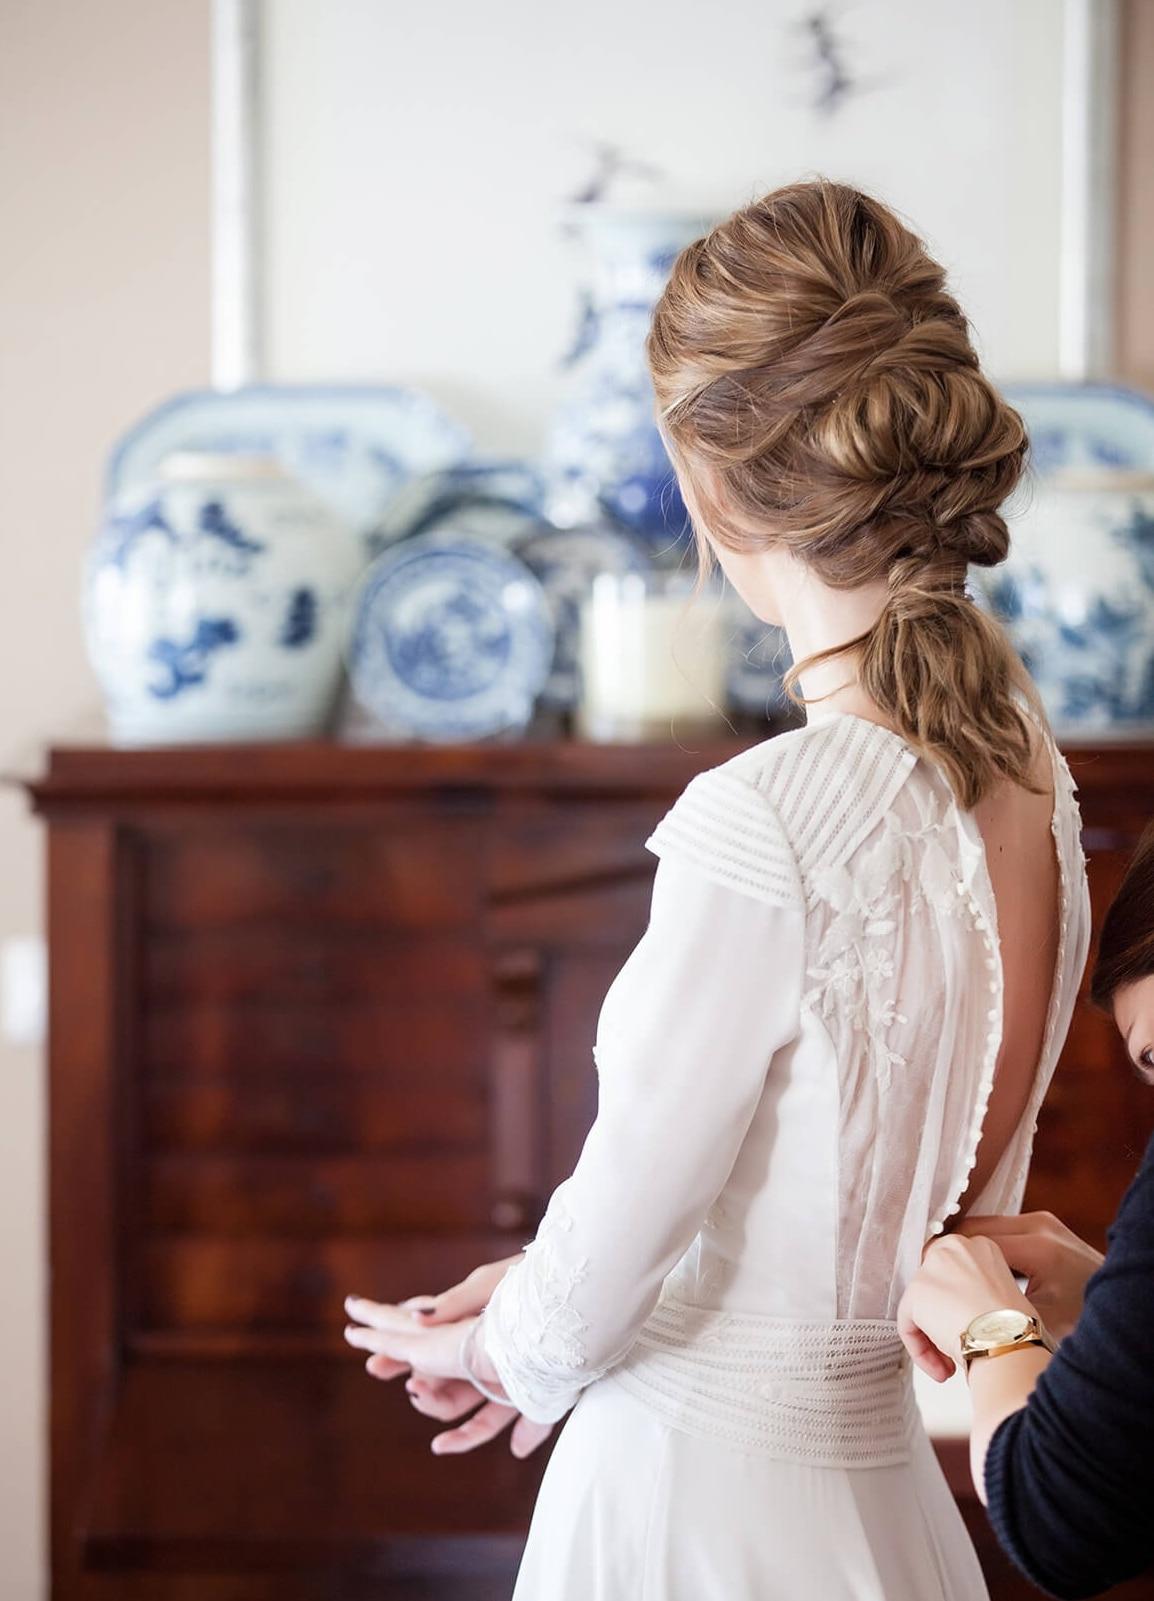 Real Photo Semplice Manica Lunga Tinta Unita in Raso Abito da Sposa Abito da Sposa Abito da Sposa Prezzo di Fabbrica su Misura